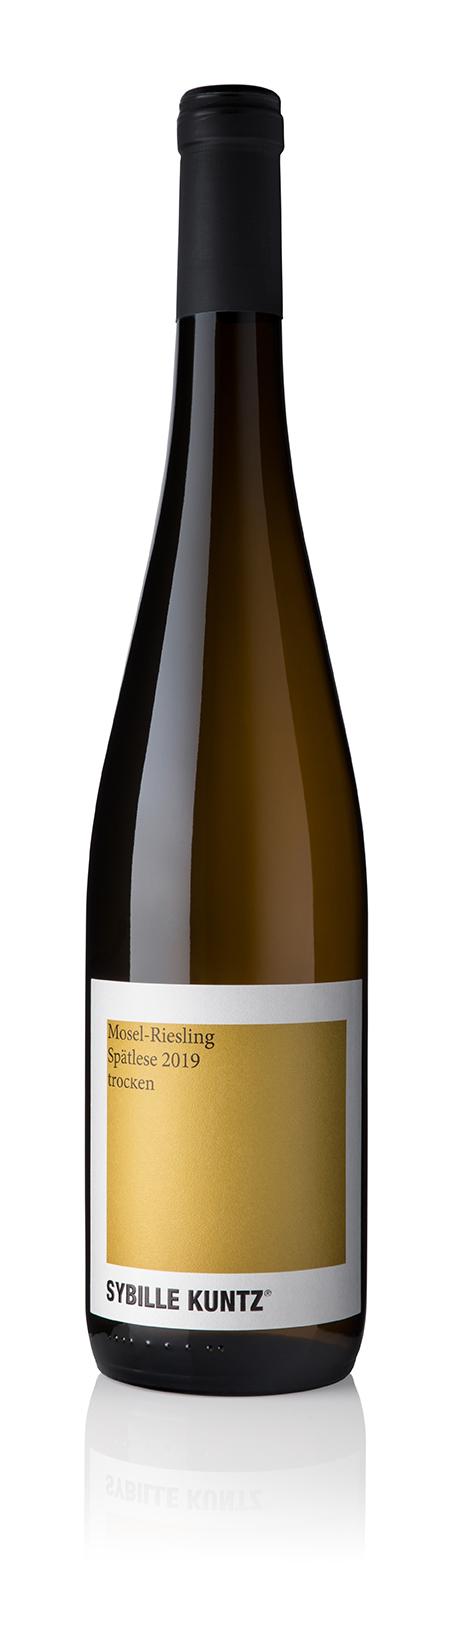 2019 SYBILLE KUNTZ Mosel-Riesling Spätlese trocken 0,75 l